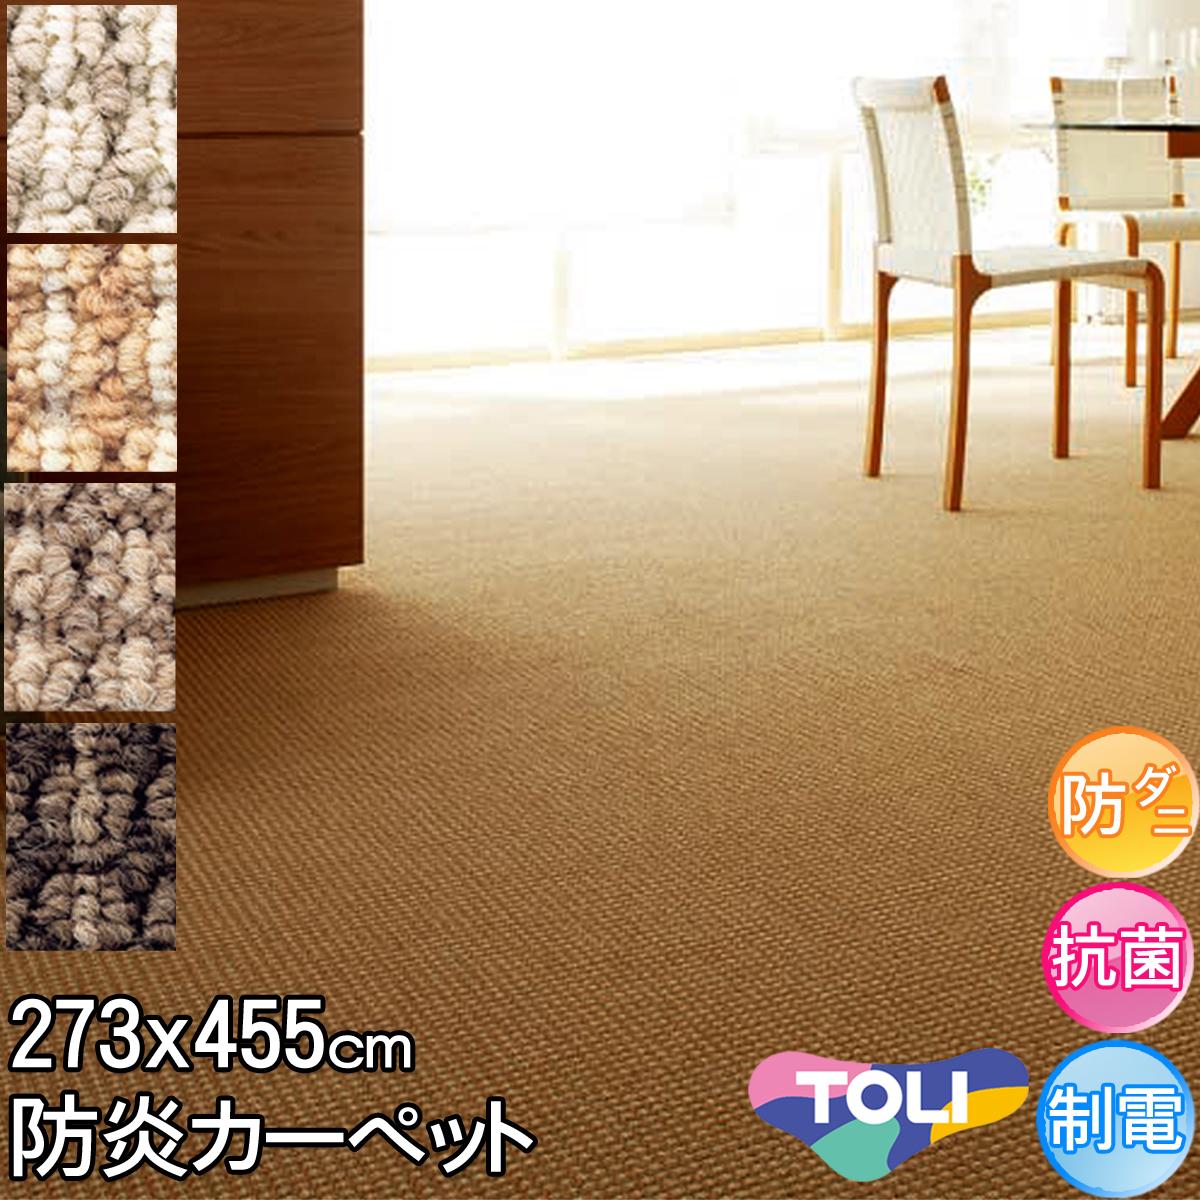 東リ カーペット 7.5畳 約273×455cm 中京間 7.5帖 デザインカーペット 防ダニ 抗菌 防炎 シンプル アースカラー ライトブラウン ベージュ ブラウン ダークブラウン春夏秋冬用 カーペット ラグ 日本製 絨毯 セグエ